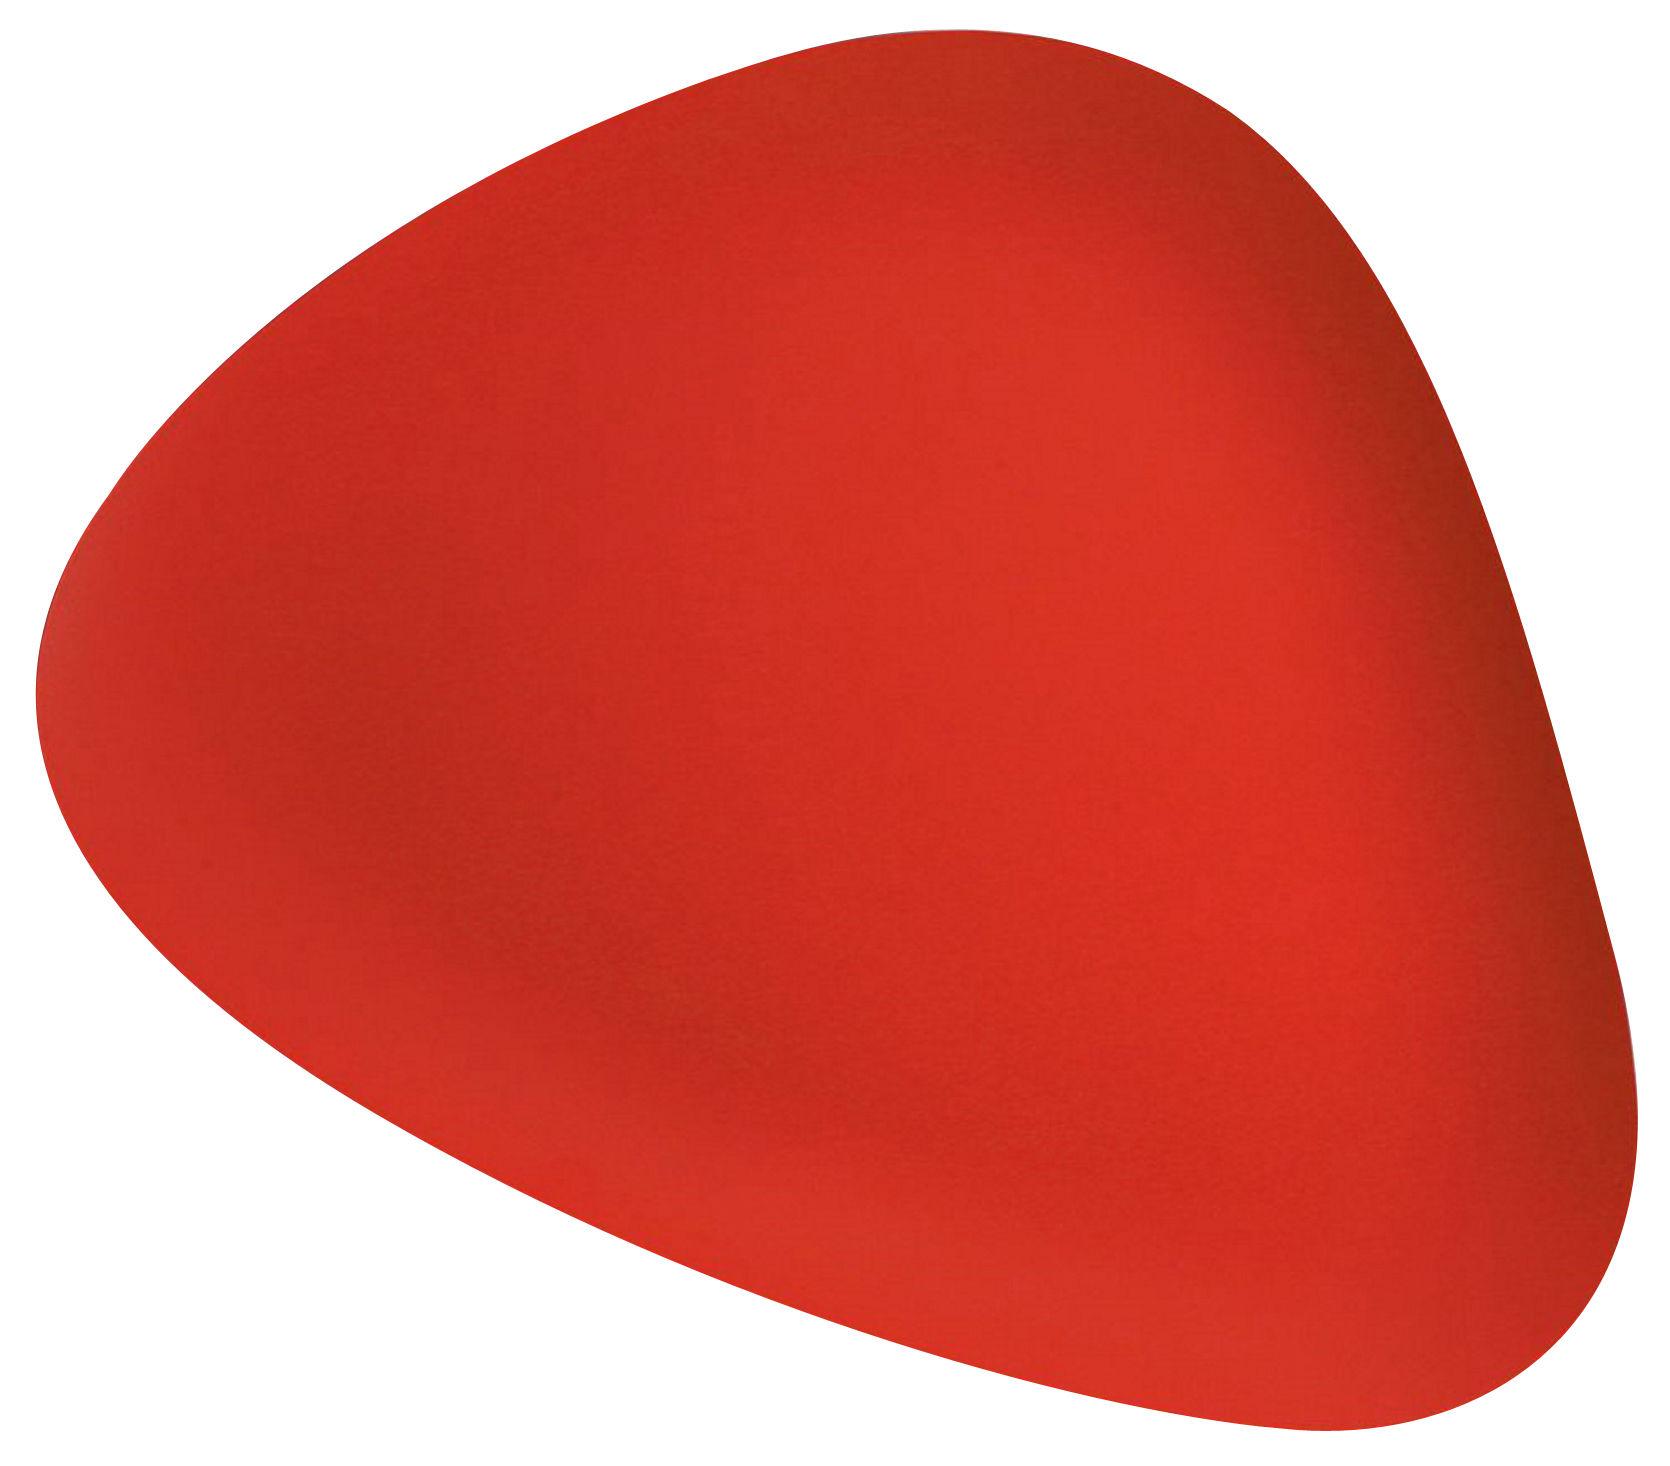 Tavola - Vassoi  - Piano/vassoio Colombina di Alessi - Rosso - Acciaio inossidabile lucido